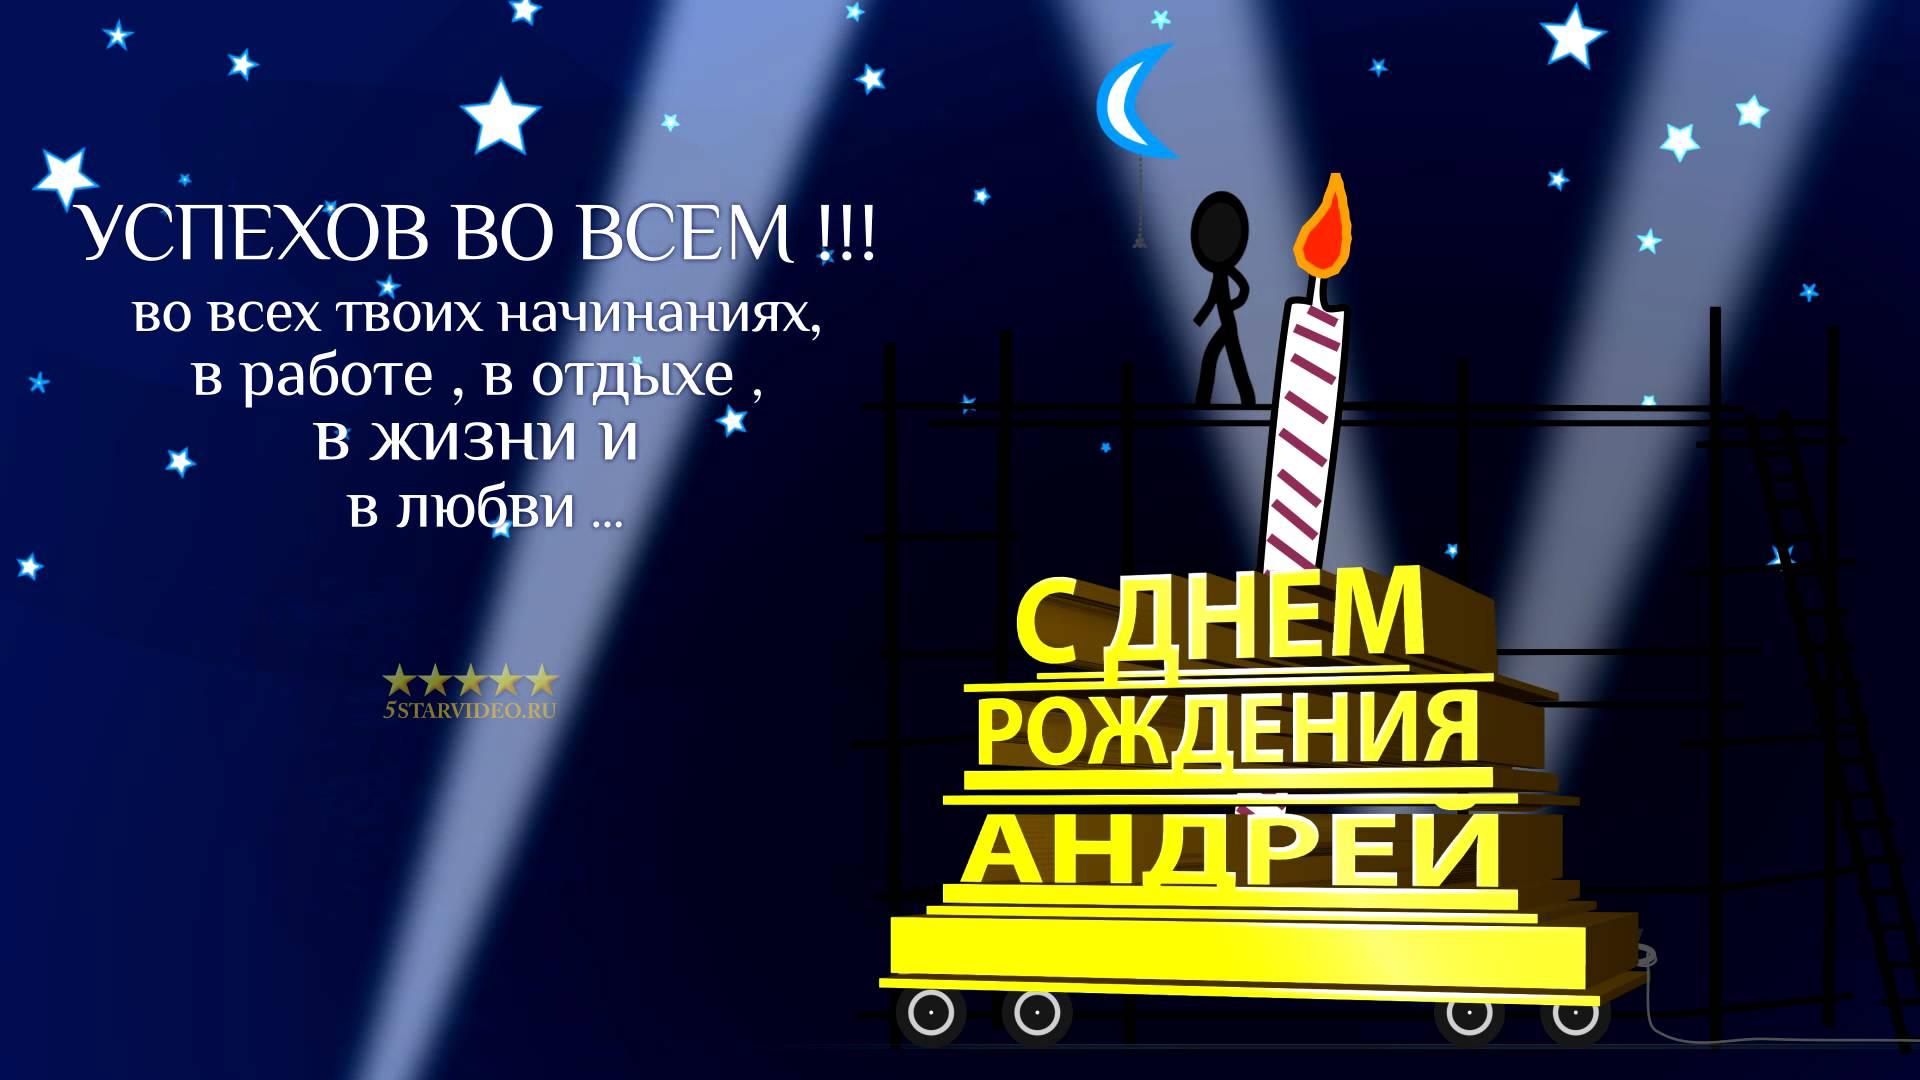 Поздравление с днем рождения андрюхе прикольные